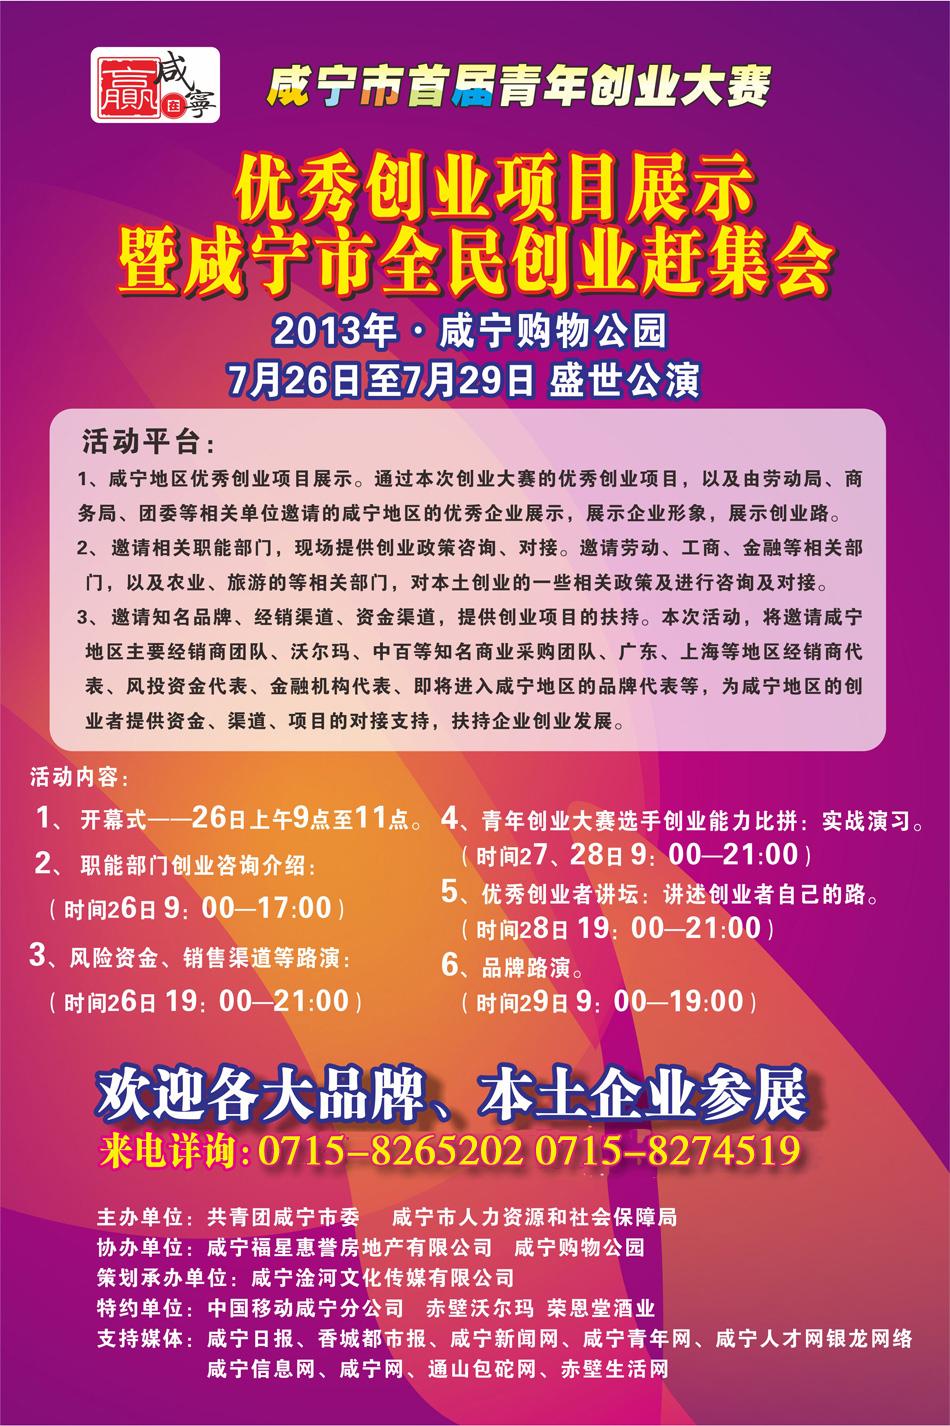 咸宁市首届青年创业优秀创业项目展示会